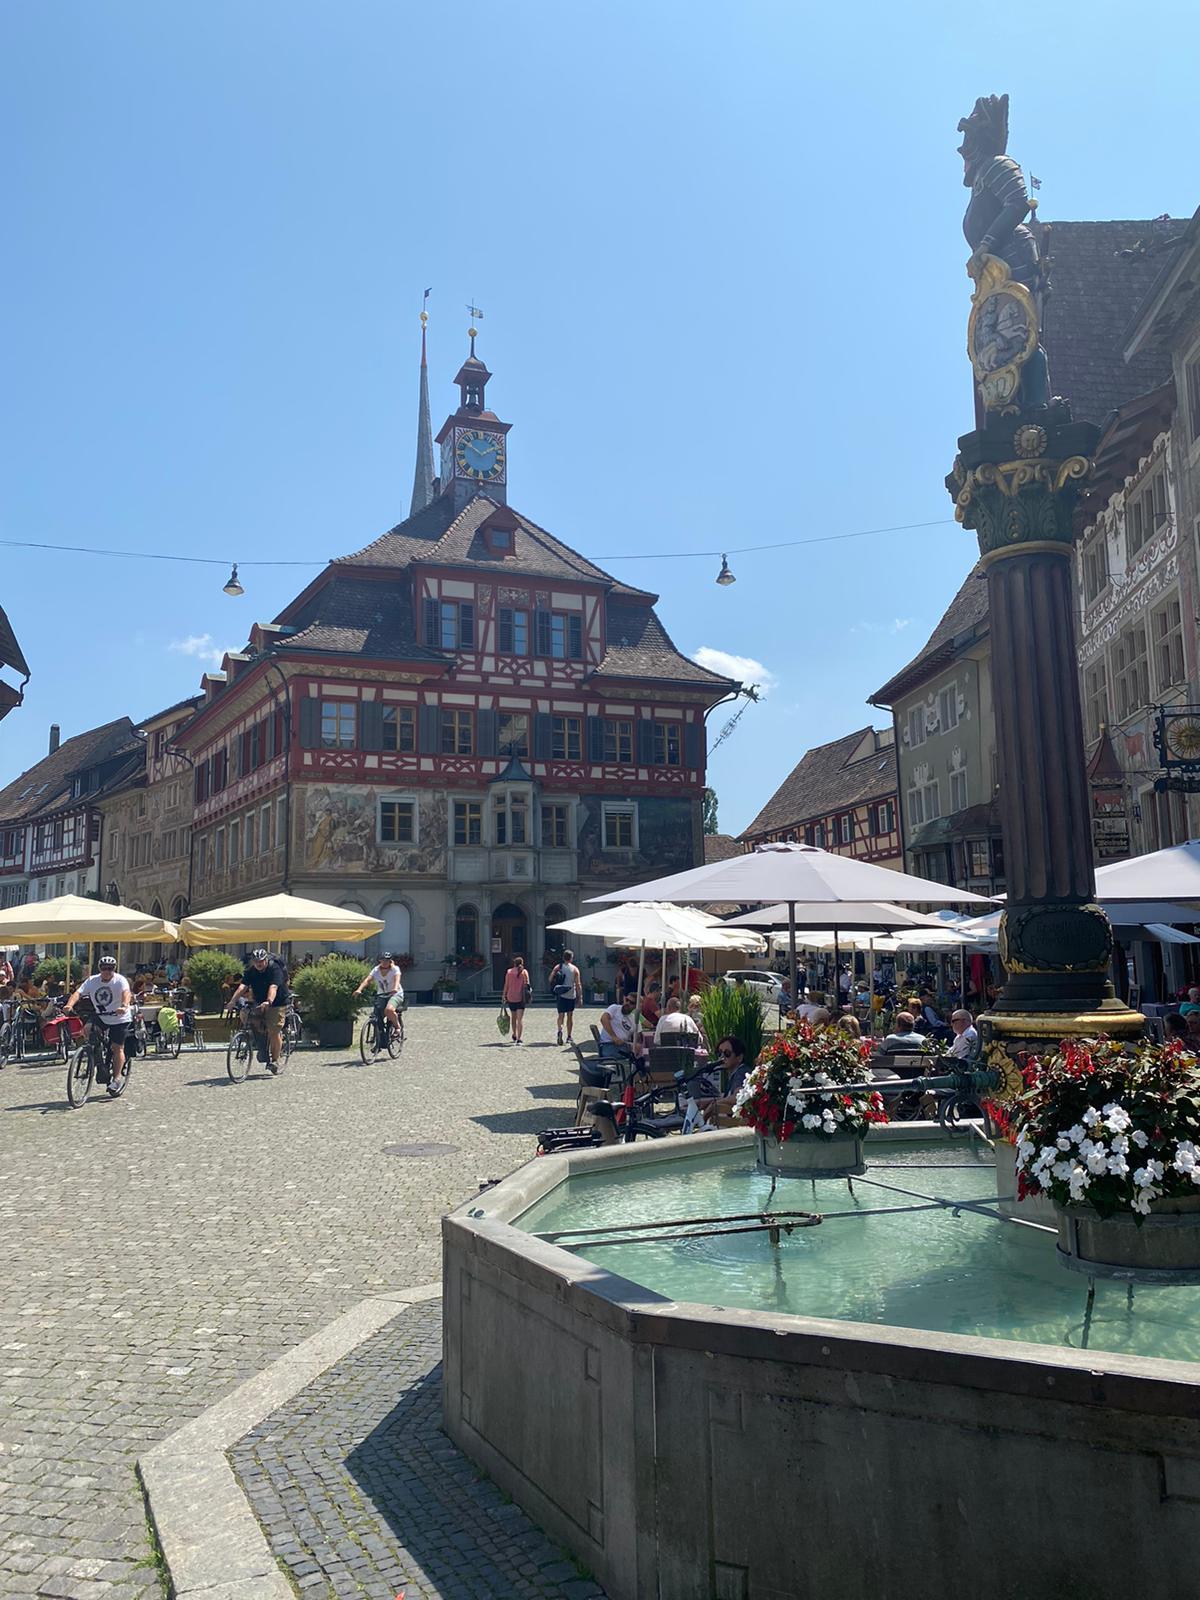 Teilnehmer von Ride&Shine auf dem Marktplatz von Stein am Rhein